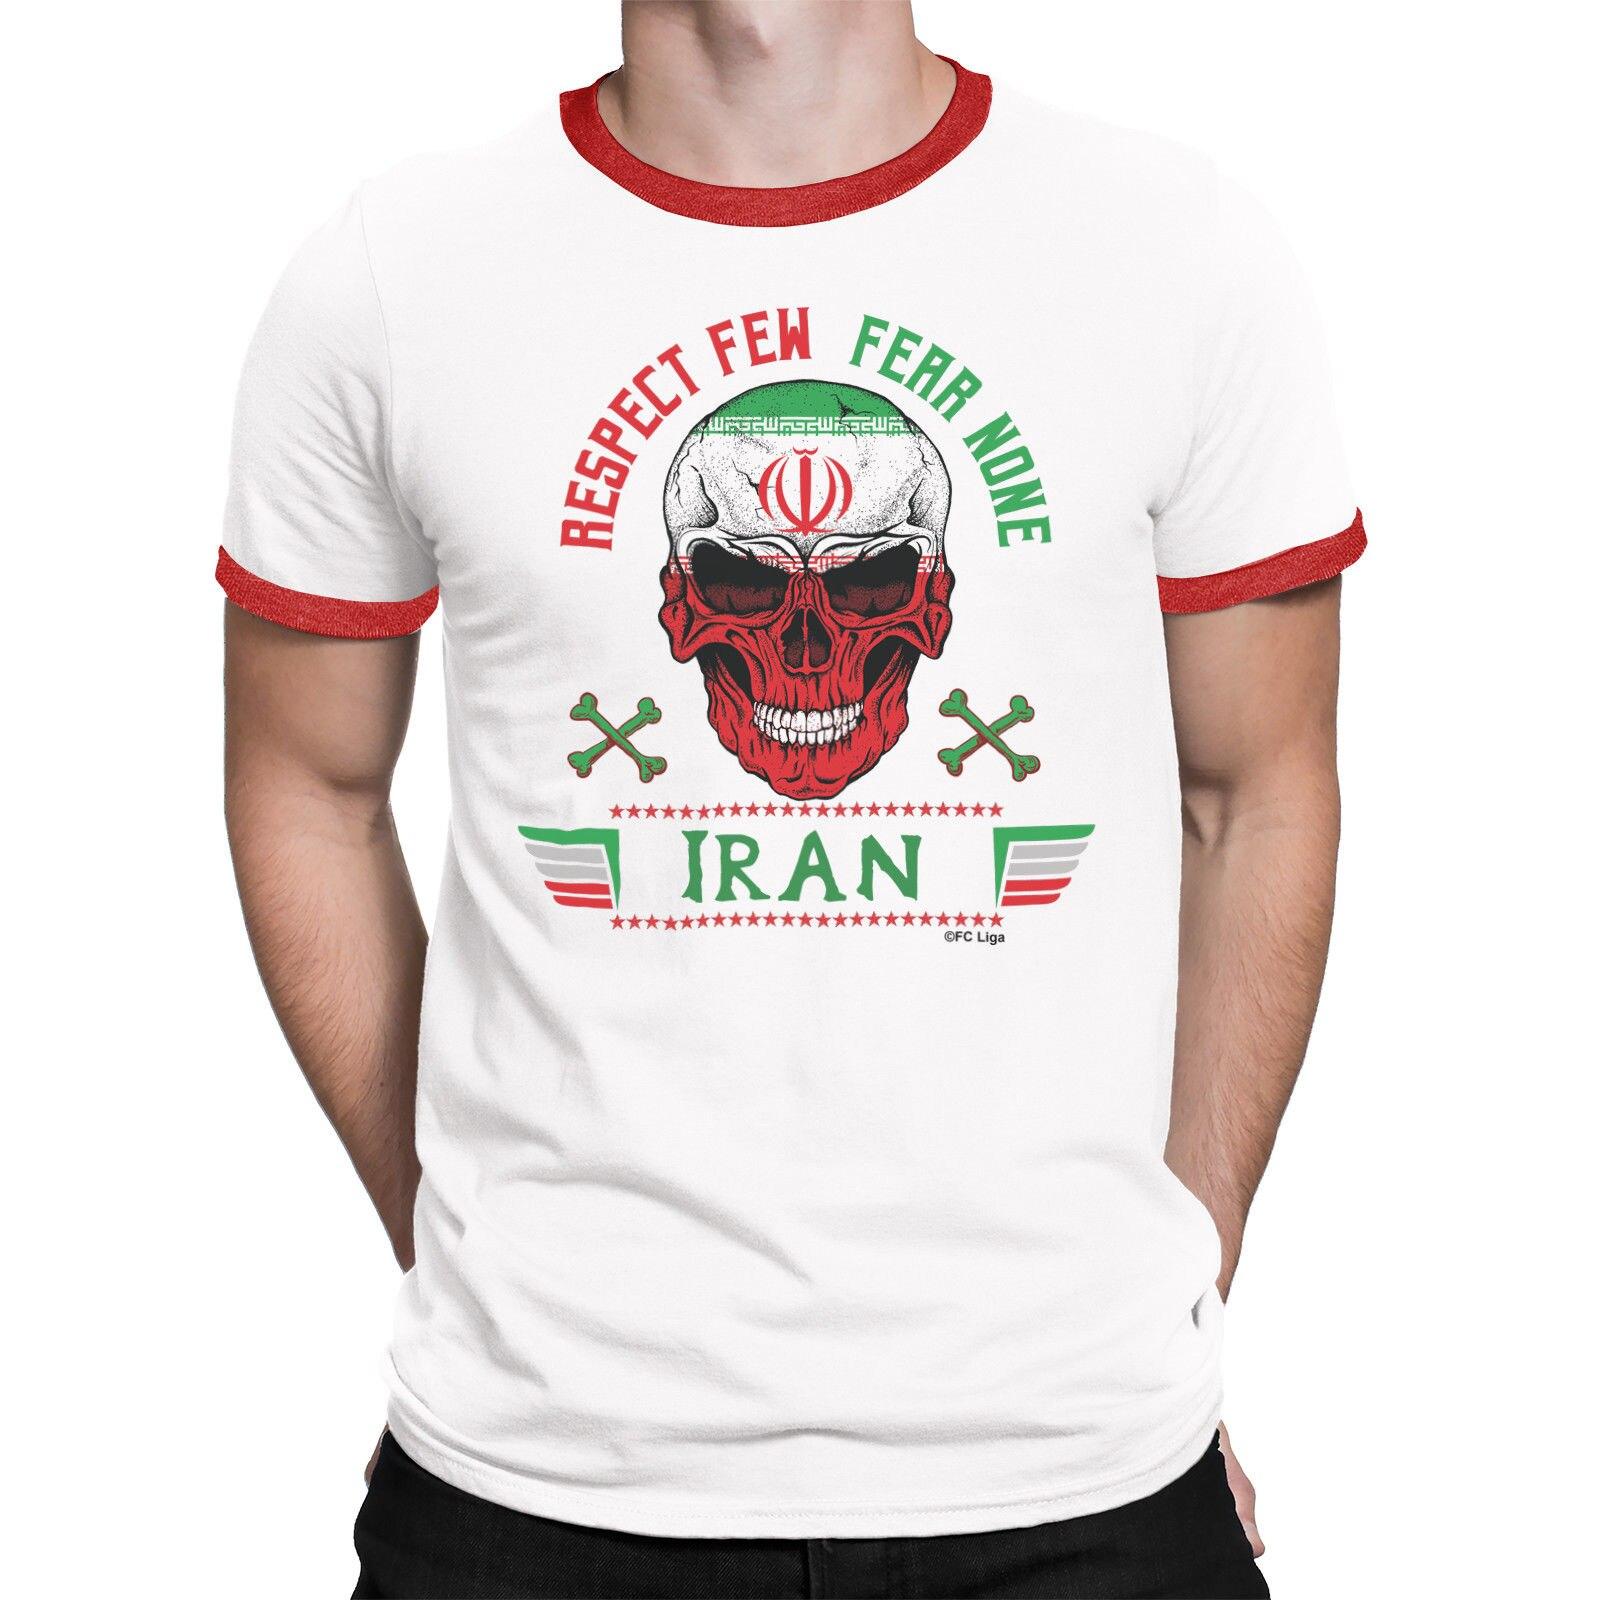 Camiseta de algodón de manga corta con estampado divertido de manga corta, Camiseta con estampado de Irán para hombre, camiseta de fútbol con cuello redondo respetuosa Fear ninguno 2019